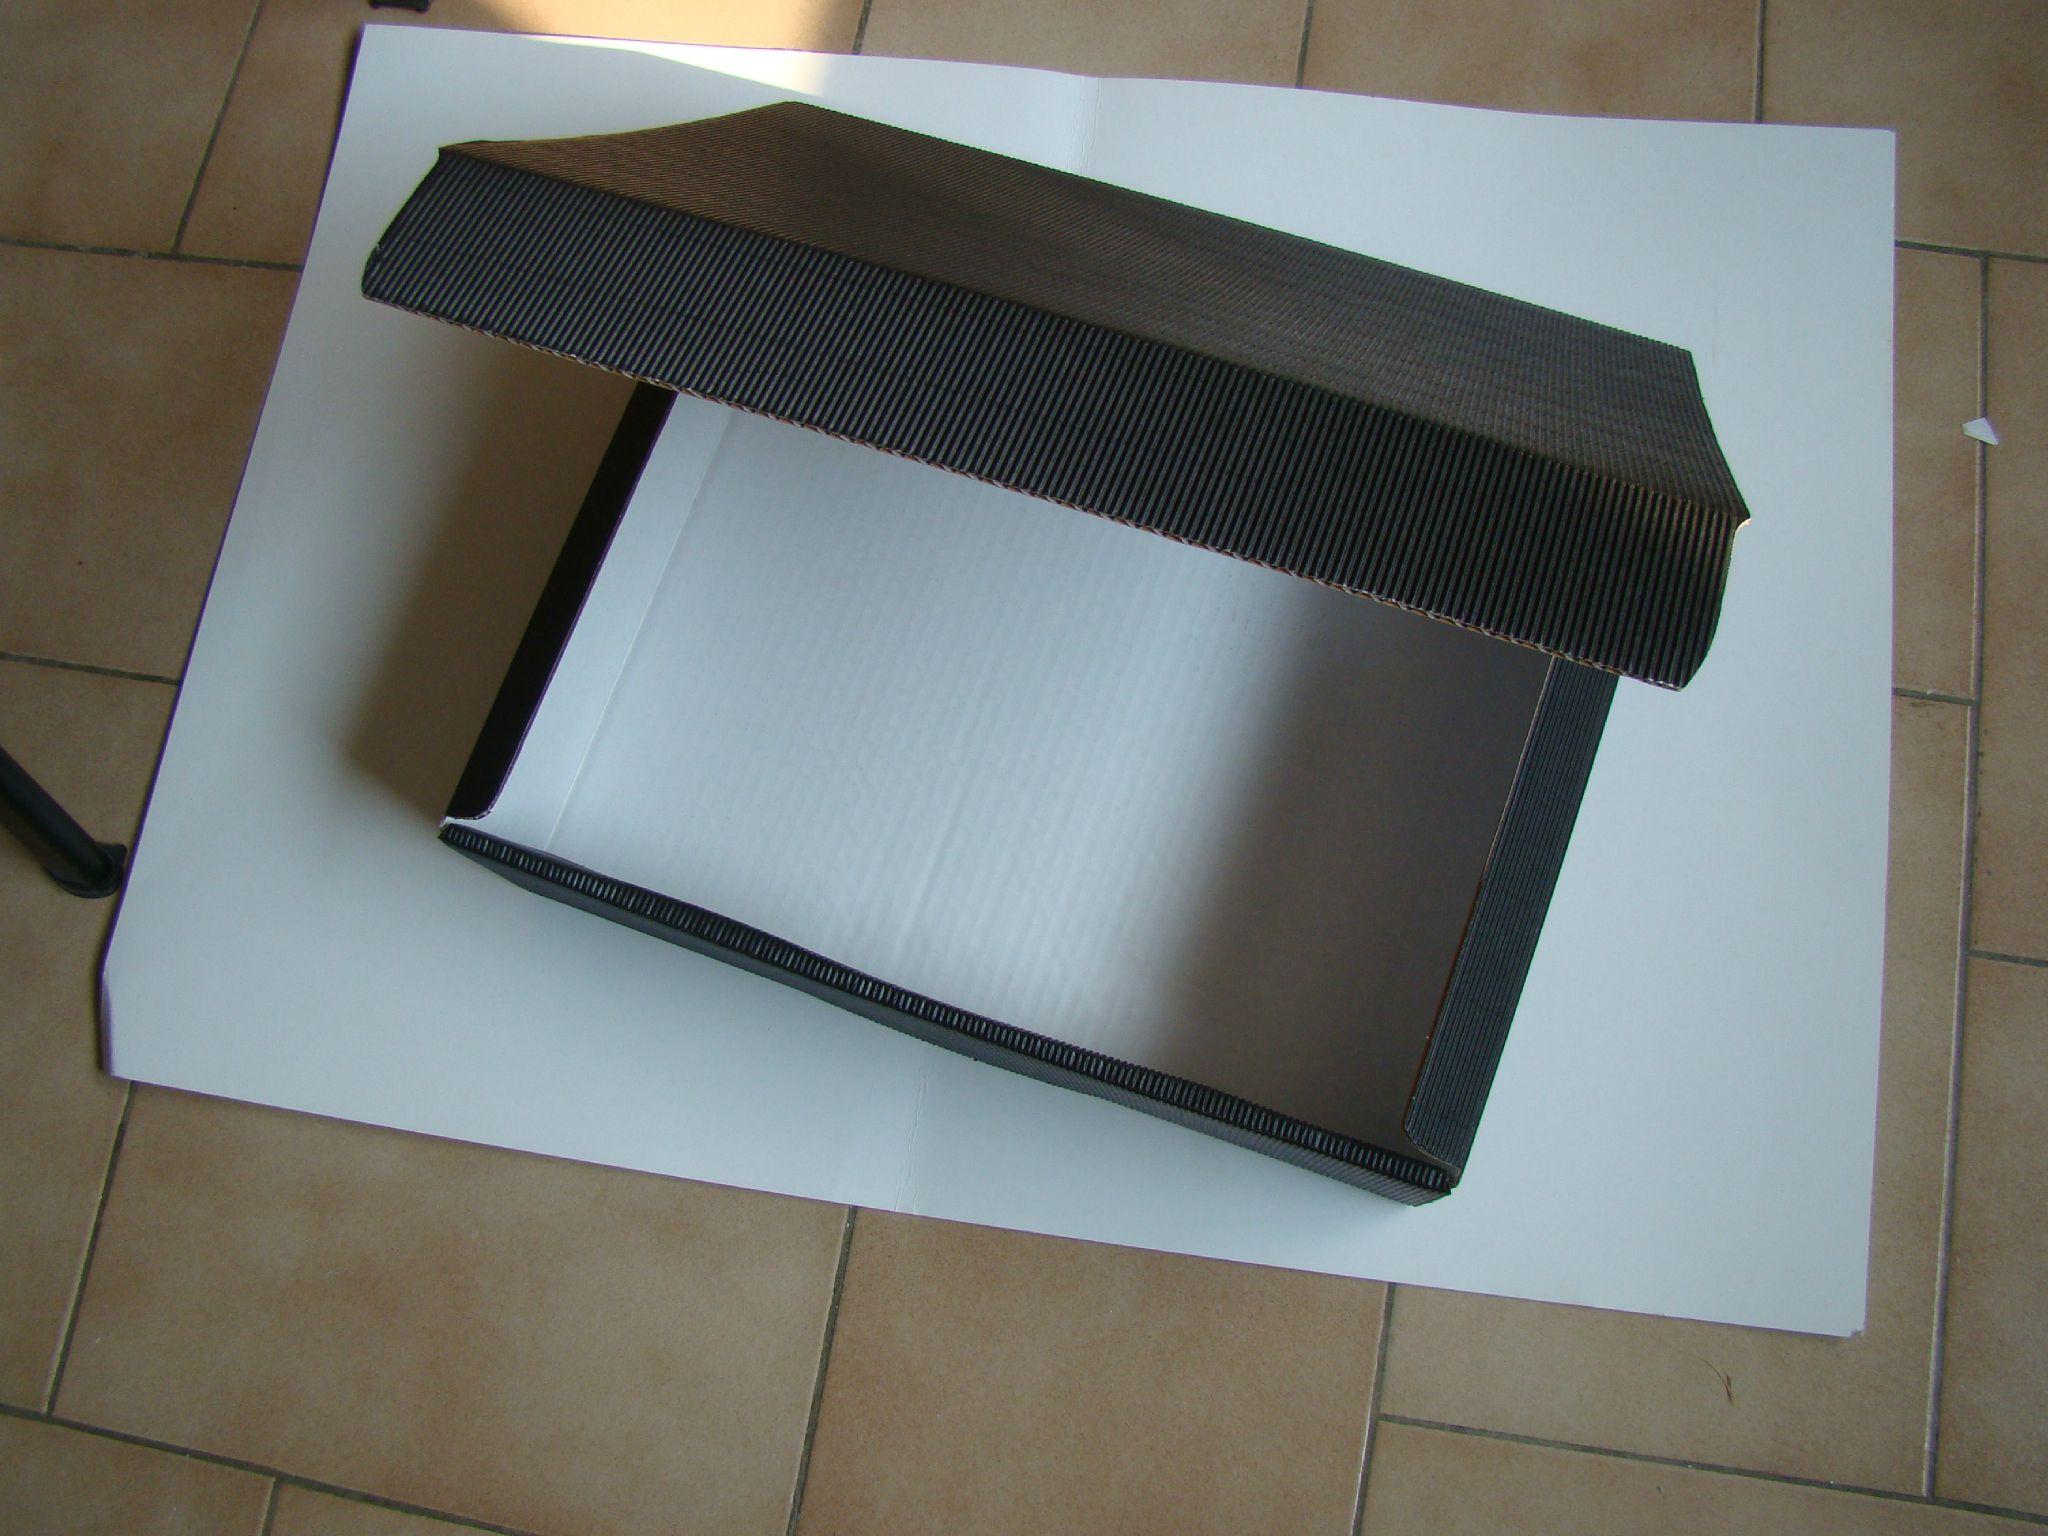 emballage coffret. Black Bedroom Furniture Sets. Home Design Ideas